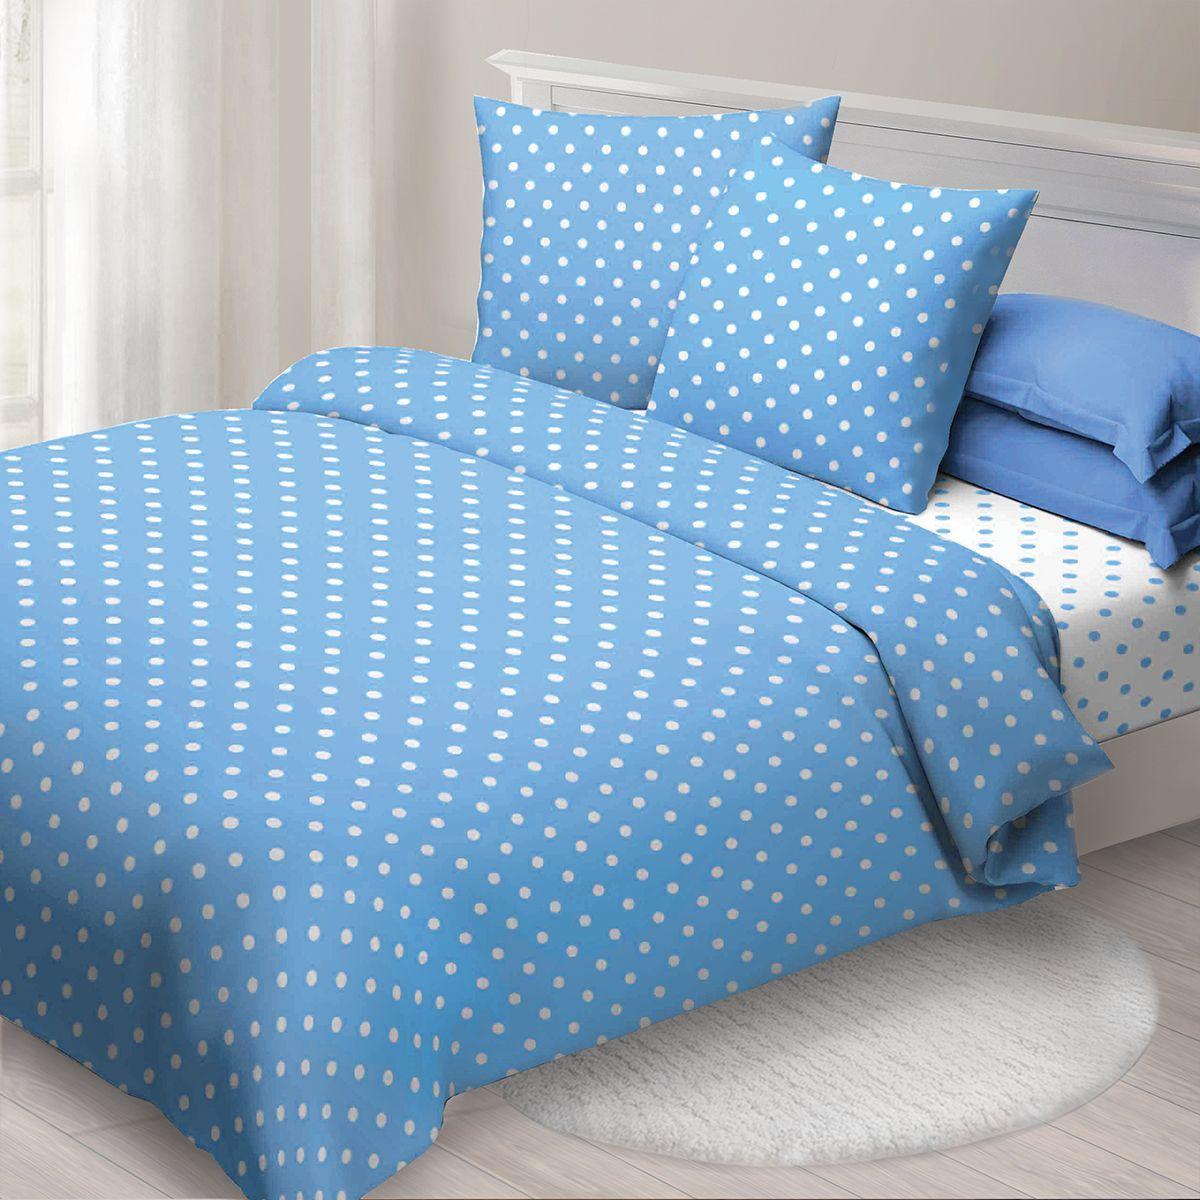 Комплект белья Спал Спалыч Бетти , 2-х спальное, наволочки 70x70, цвет: голубой. 4080-282451